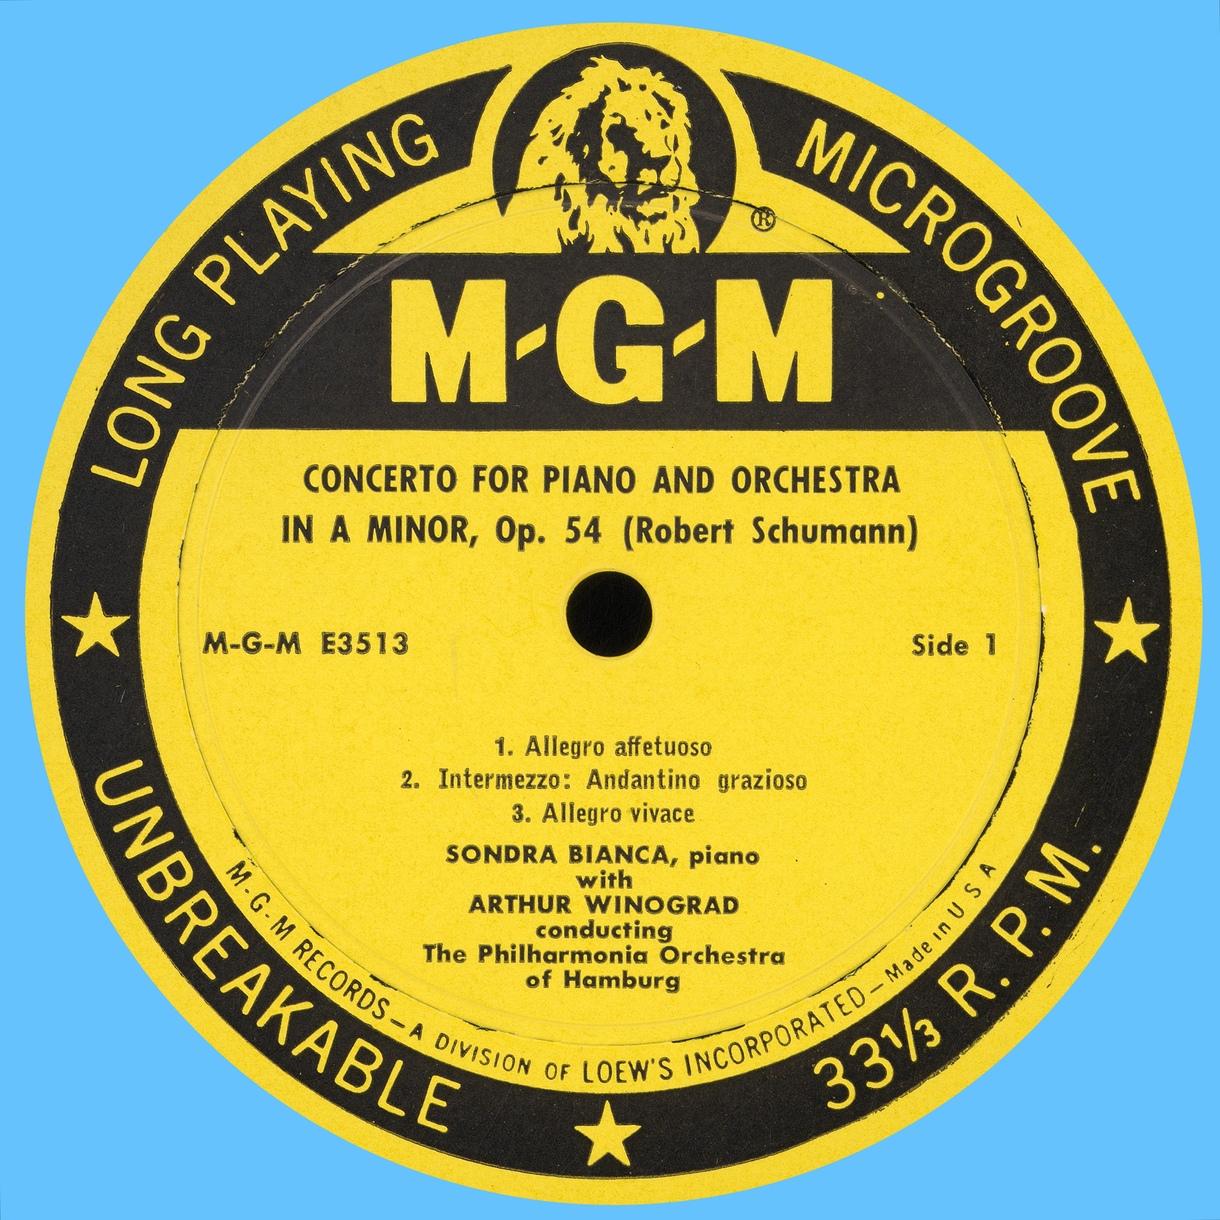 Étiquette recto du disque MGM E 3513